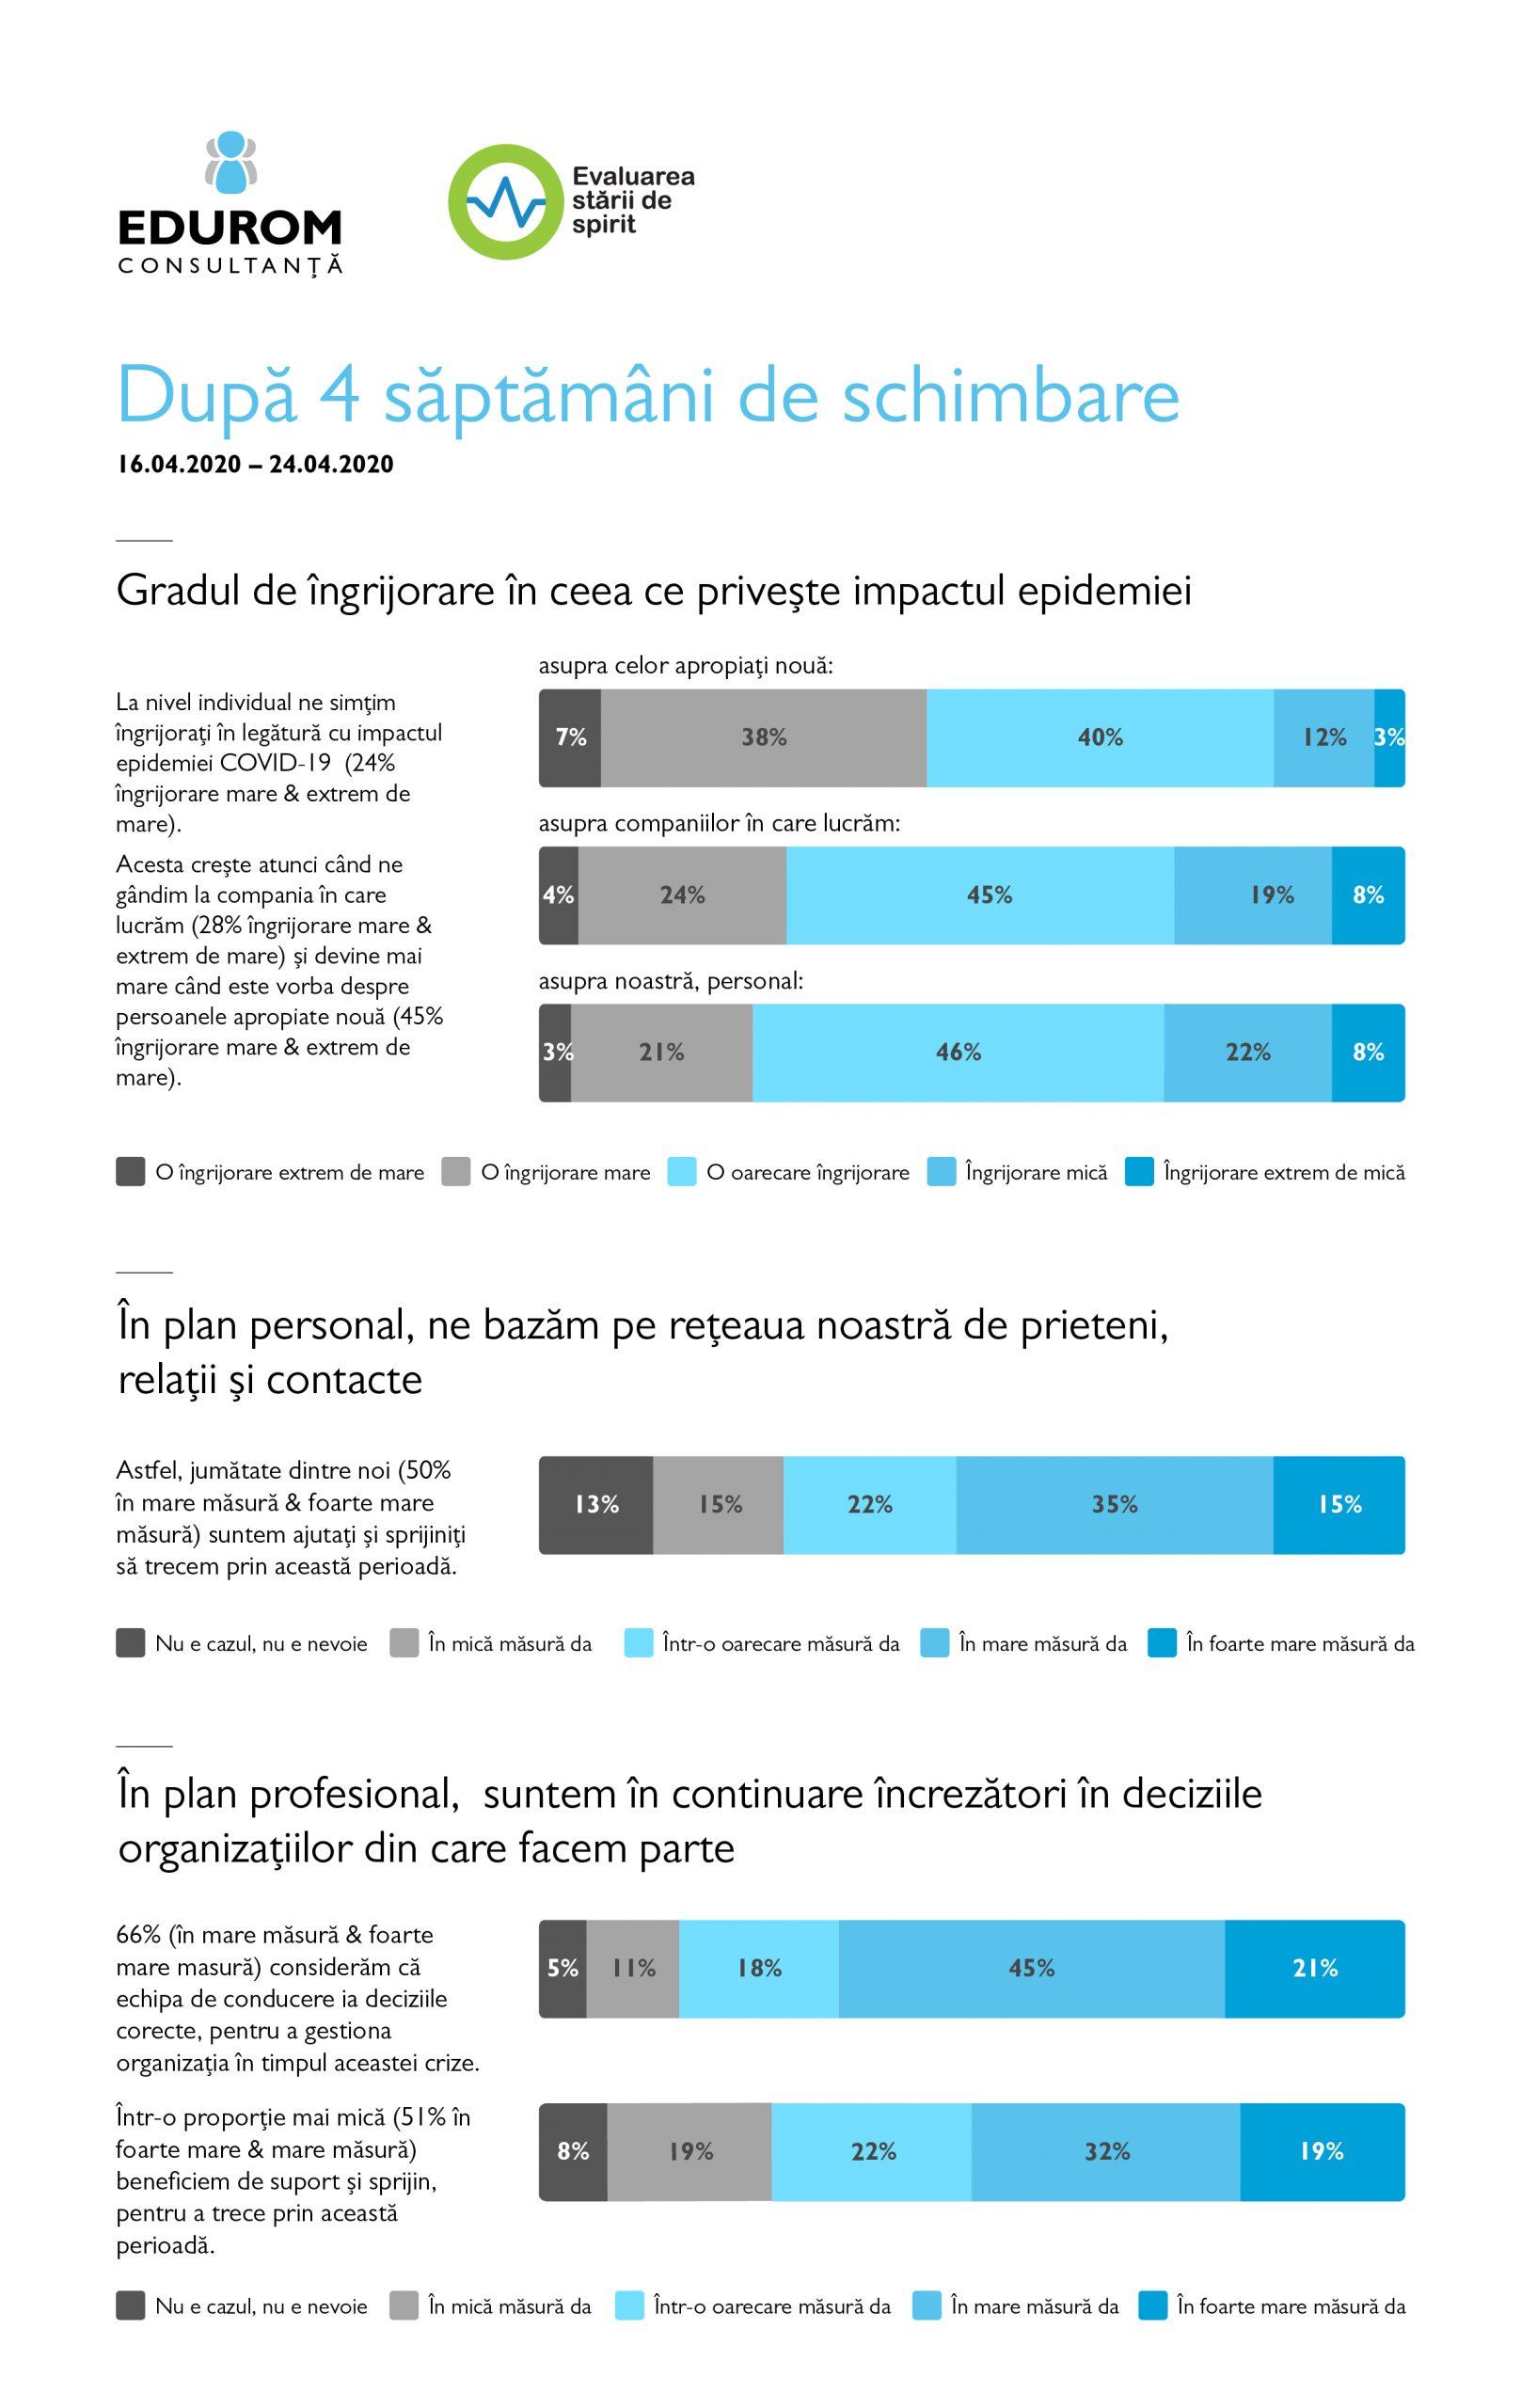 Studiu EDUROM: Angajații români resimt tot mai puternic reducerea numărului de clienți și de proiecte, precum și lipsa locurilor de muncă în piață